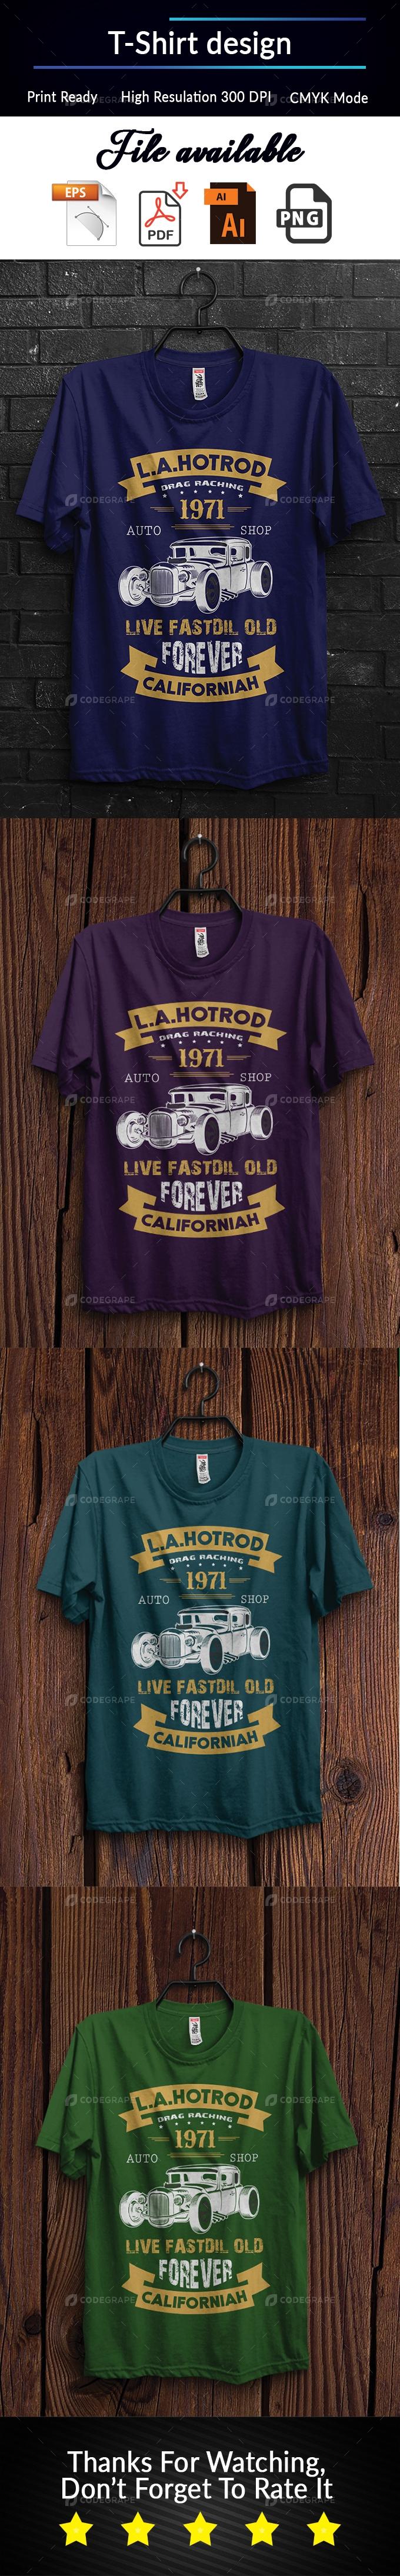 Hot Road T-Shirt Design